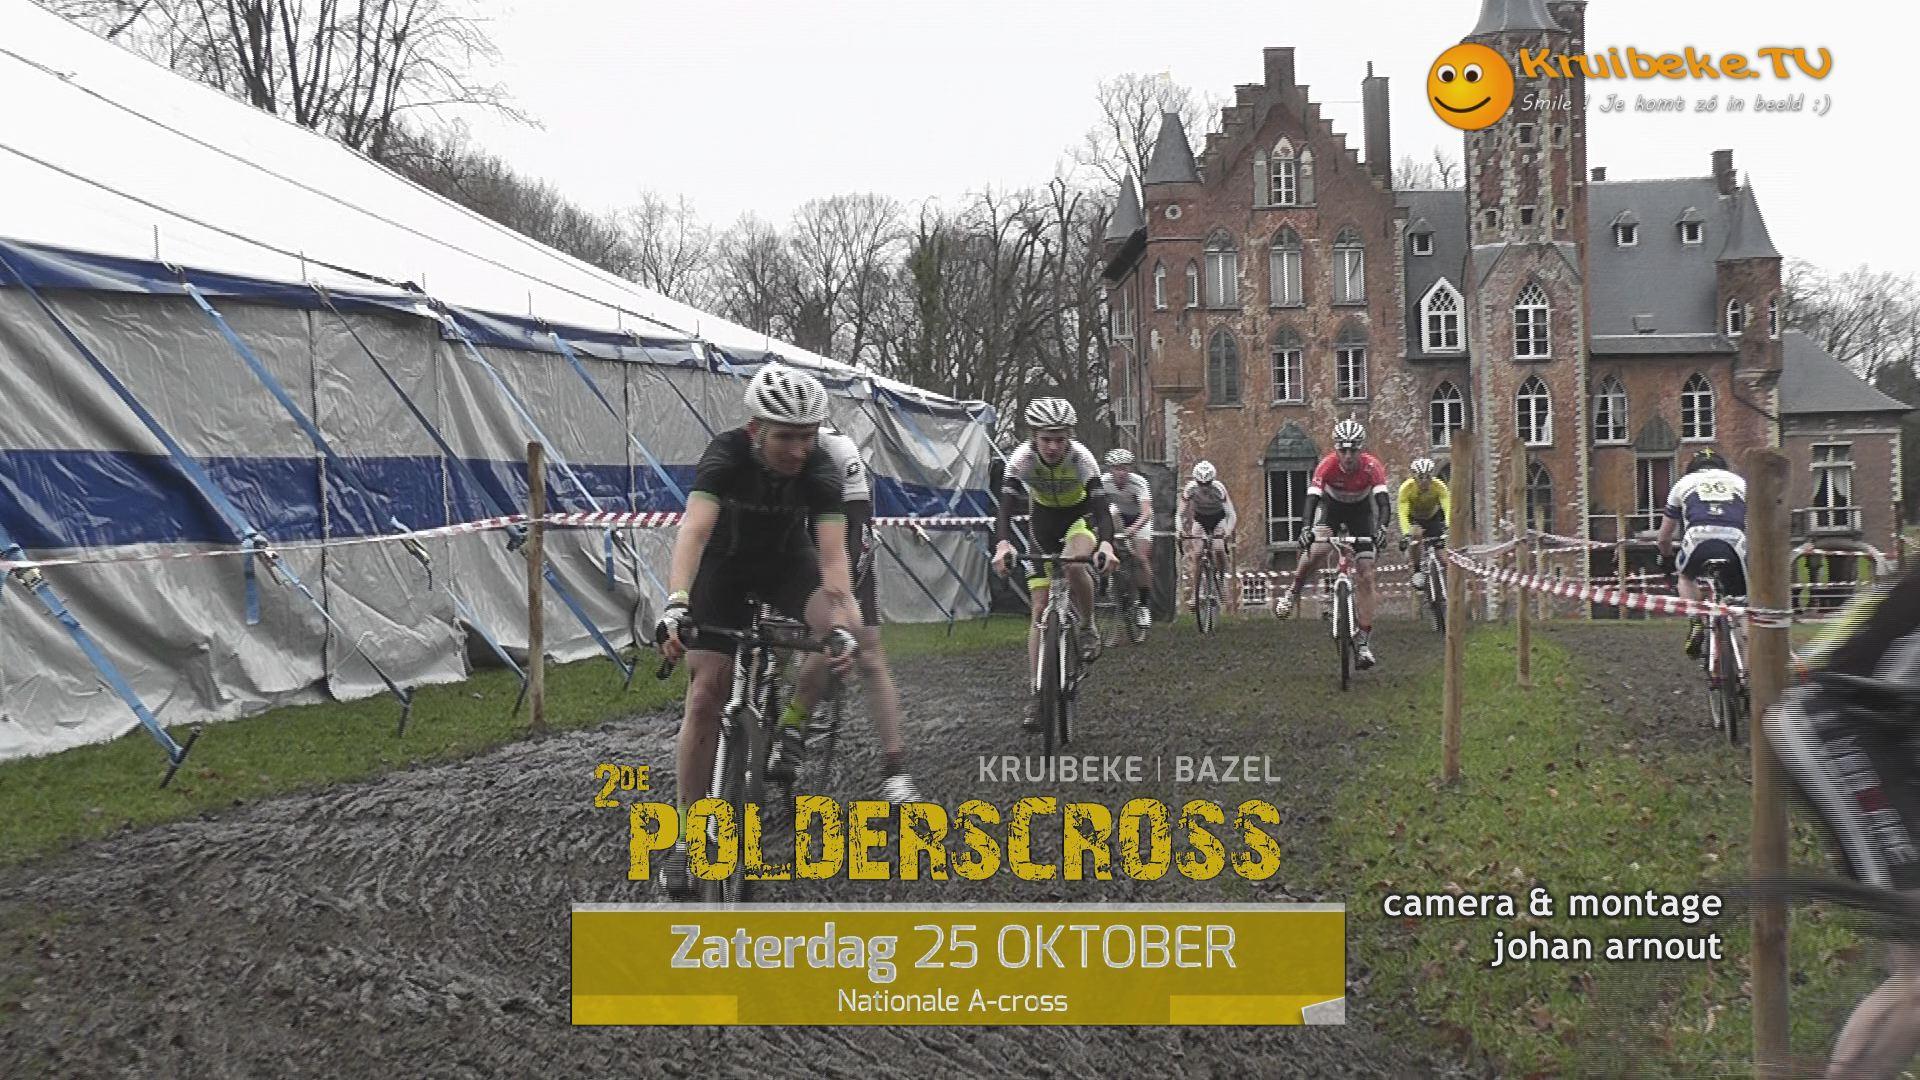 Polderscross in Kruibeke Bazel